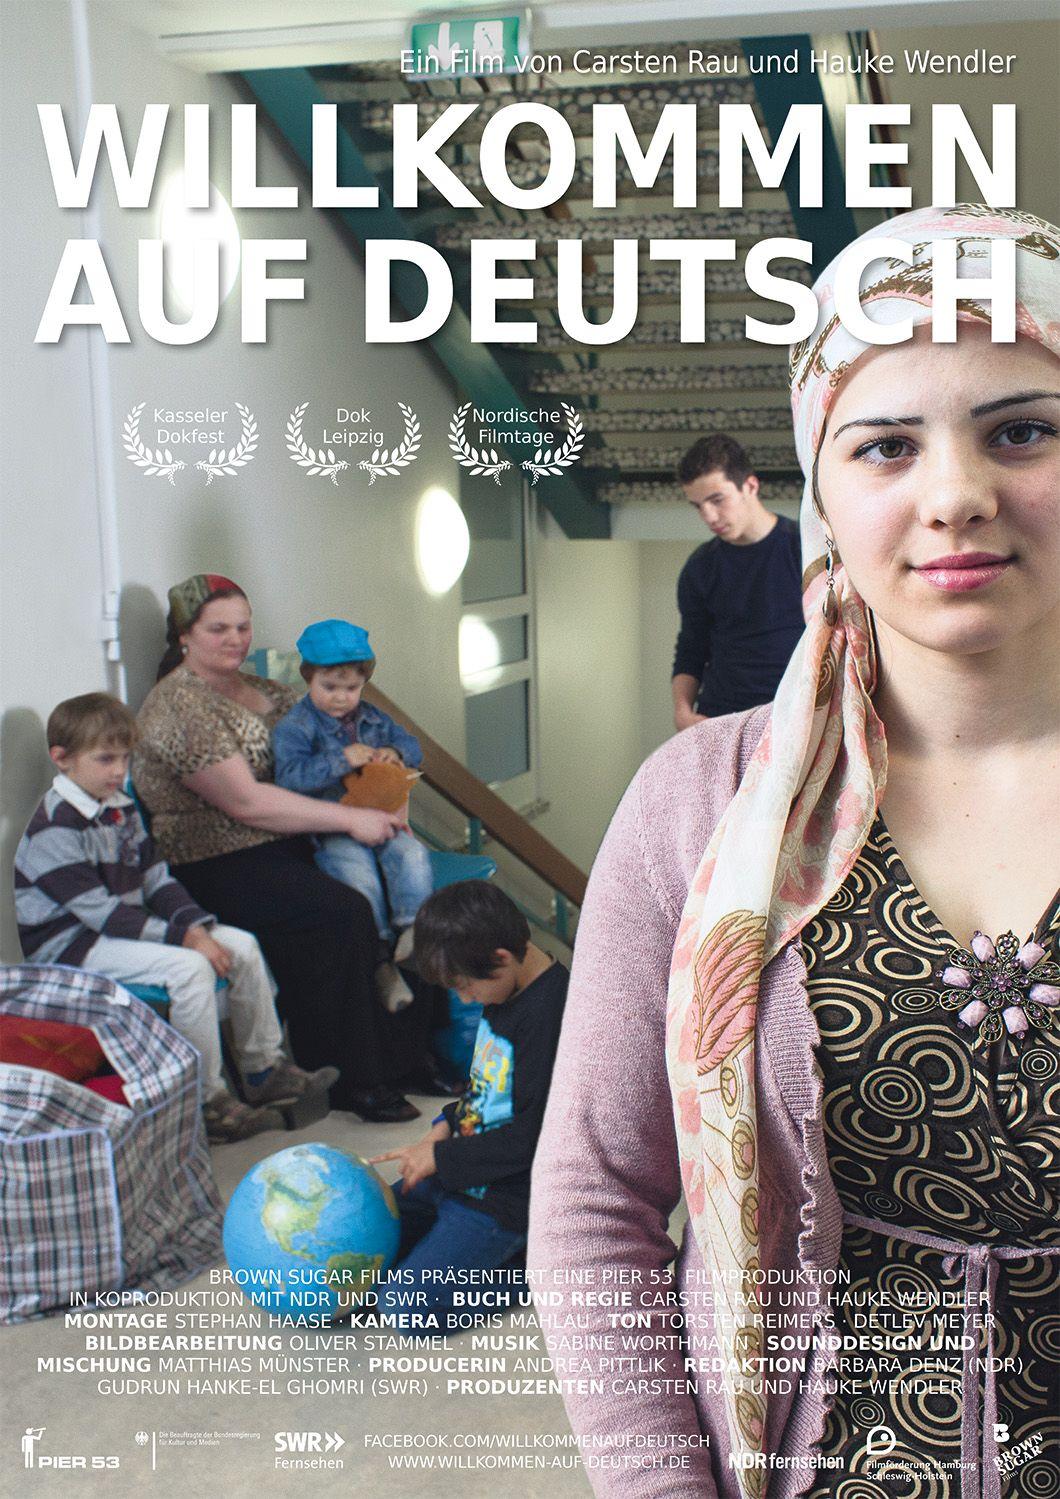 Alf Deutsch